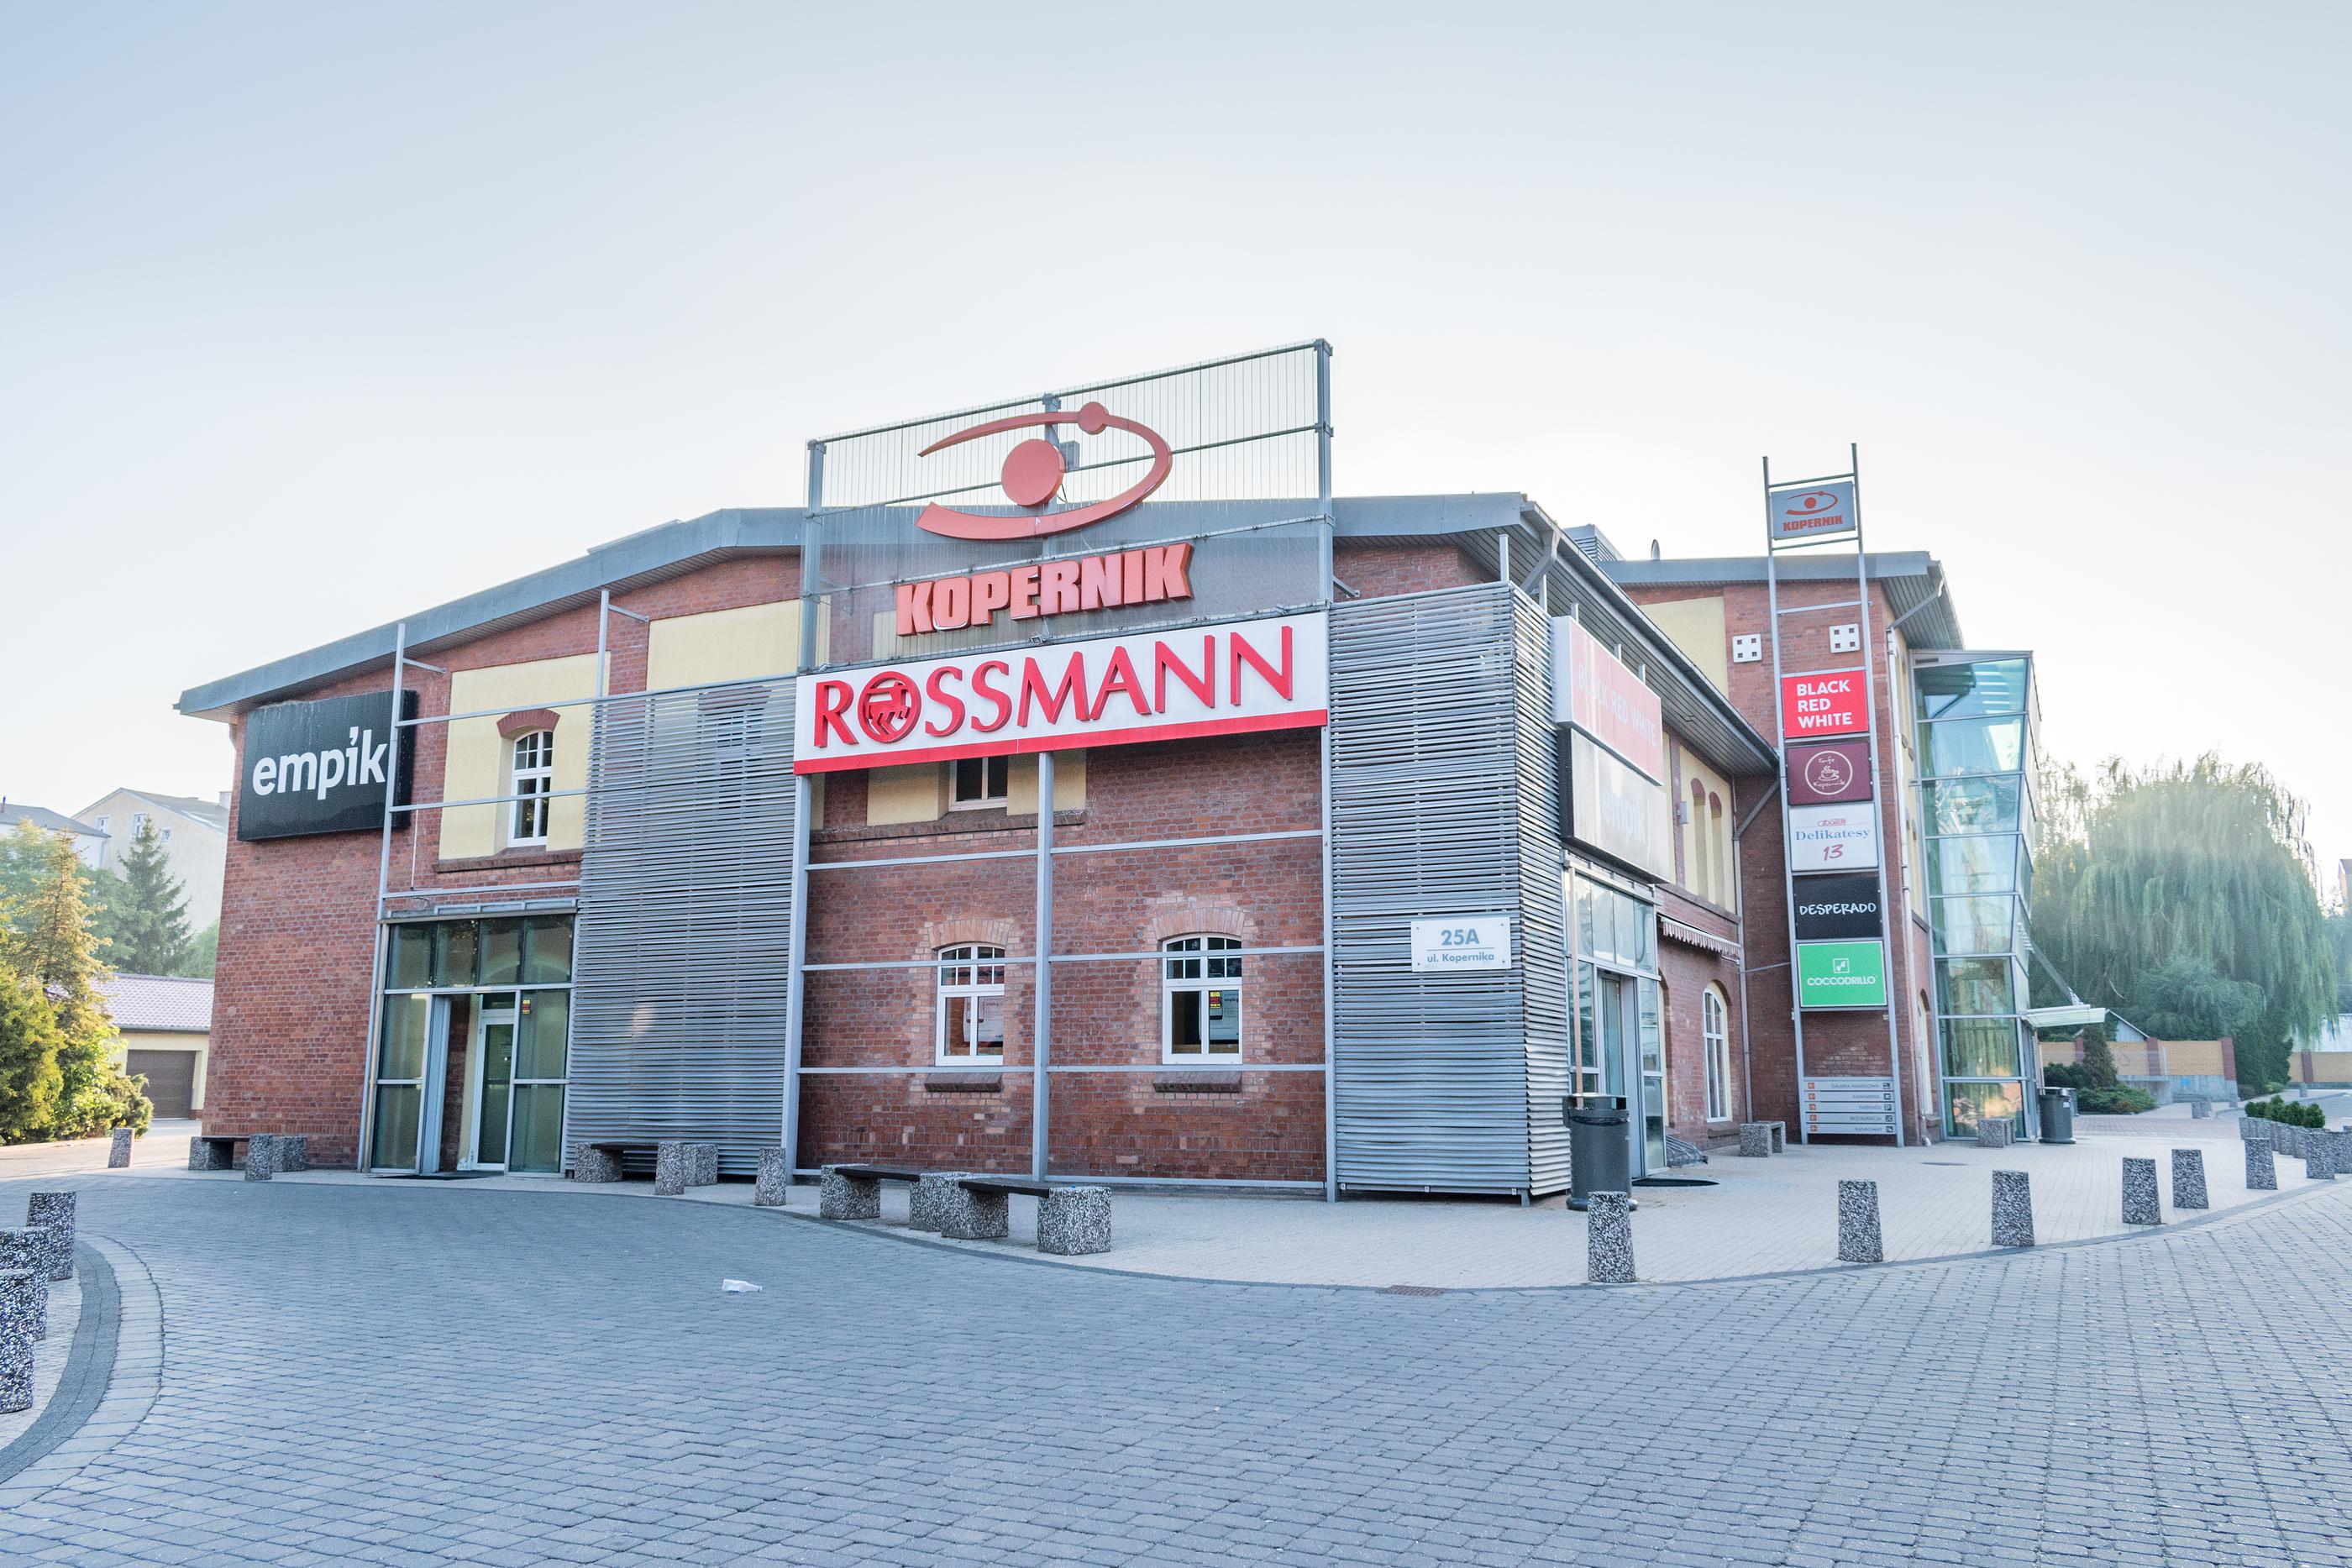 Parki handlowe i centra convenience w Polsce – raport